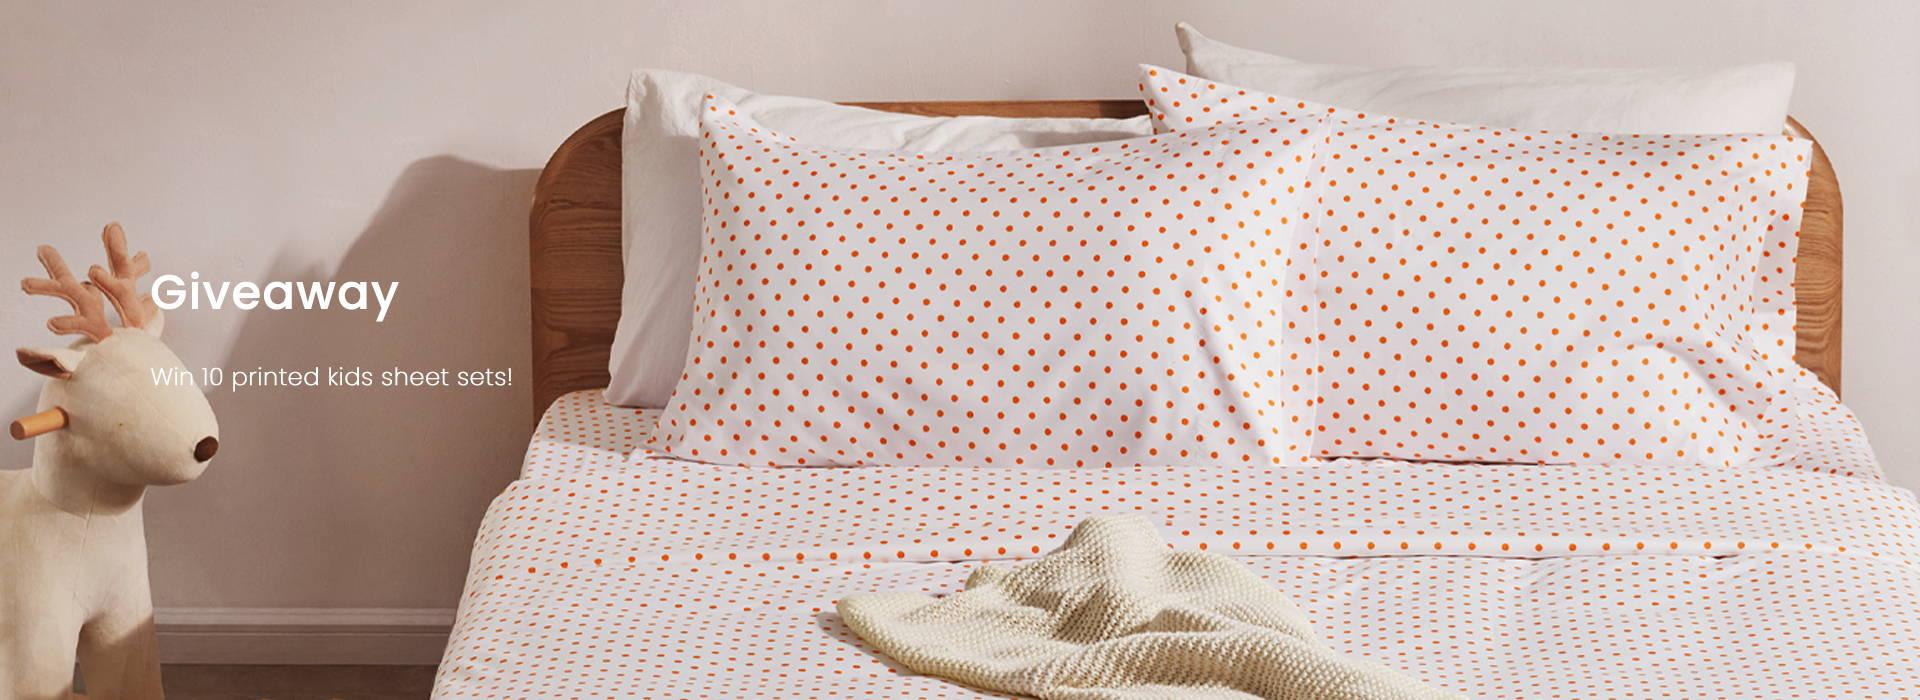 sleep zone bedding giveaway july happy birthday